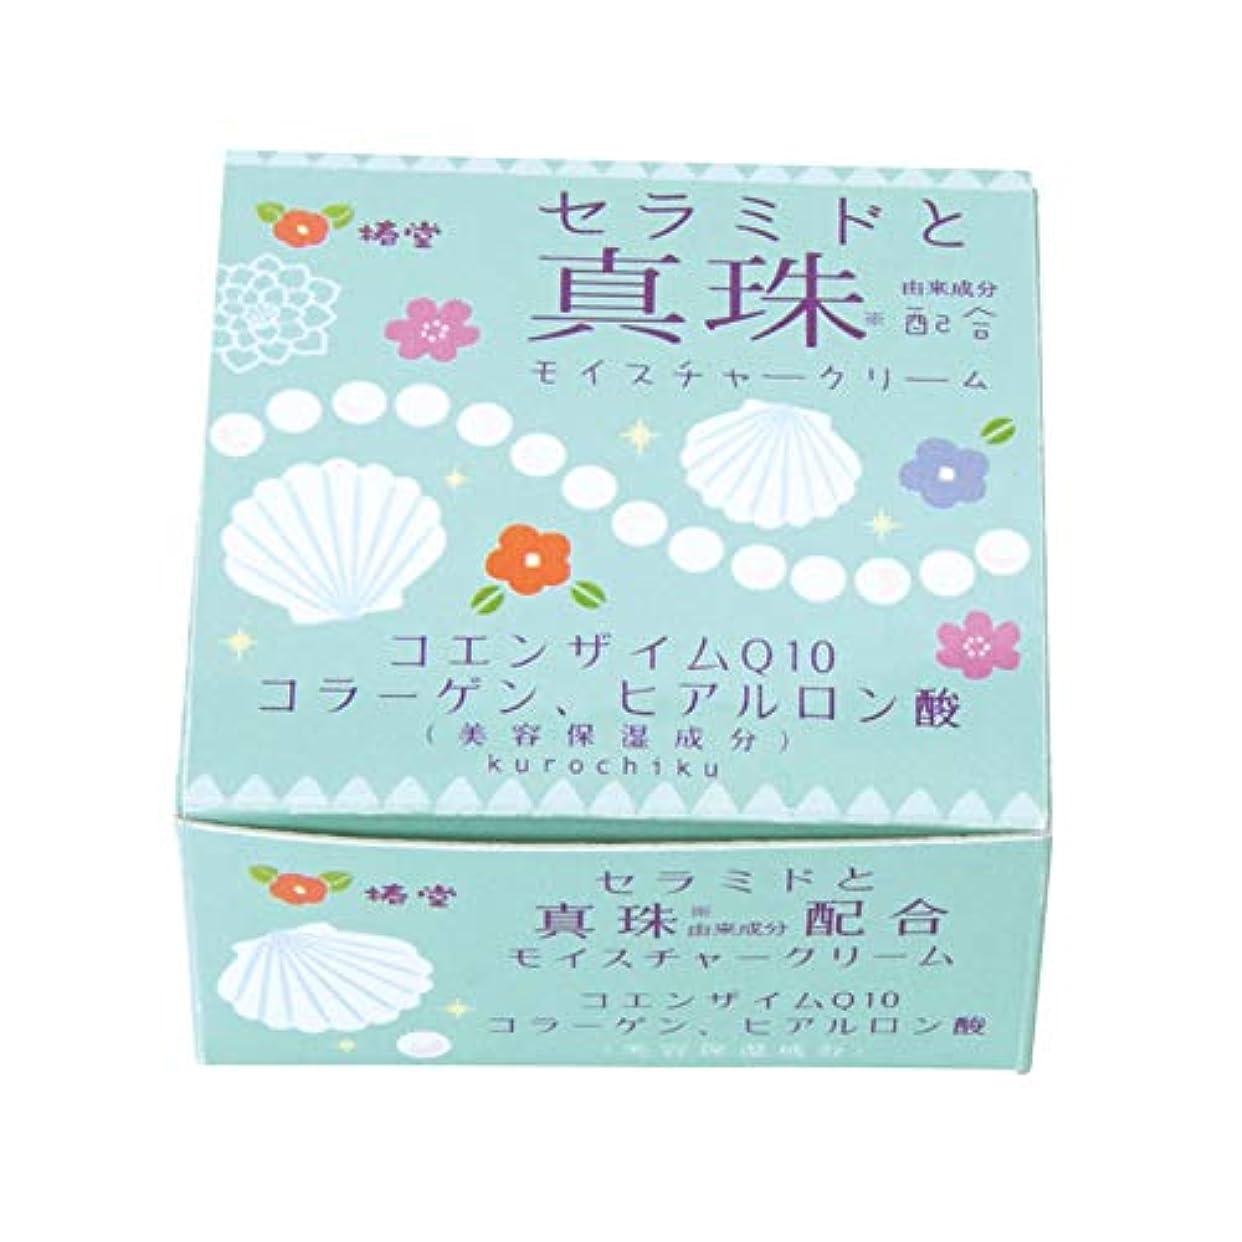 覆す起こるスラック椿堂 真珠モイスチャークリーム (セラミドと真珠) 京都くろちく